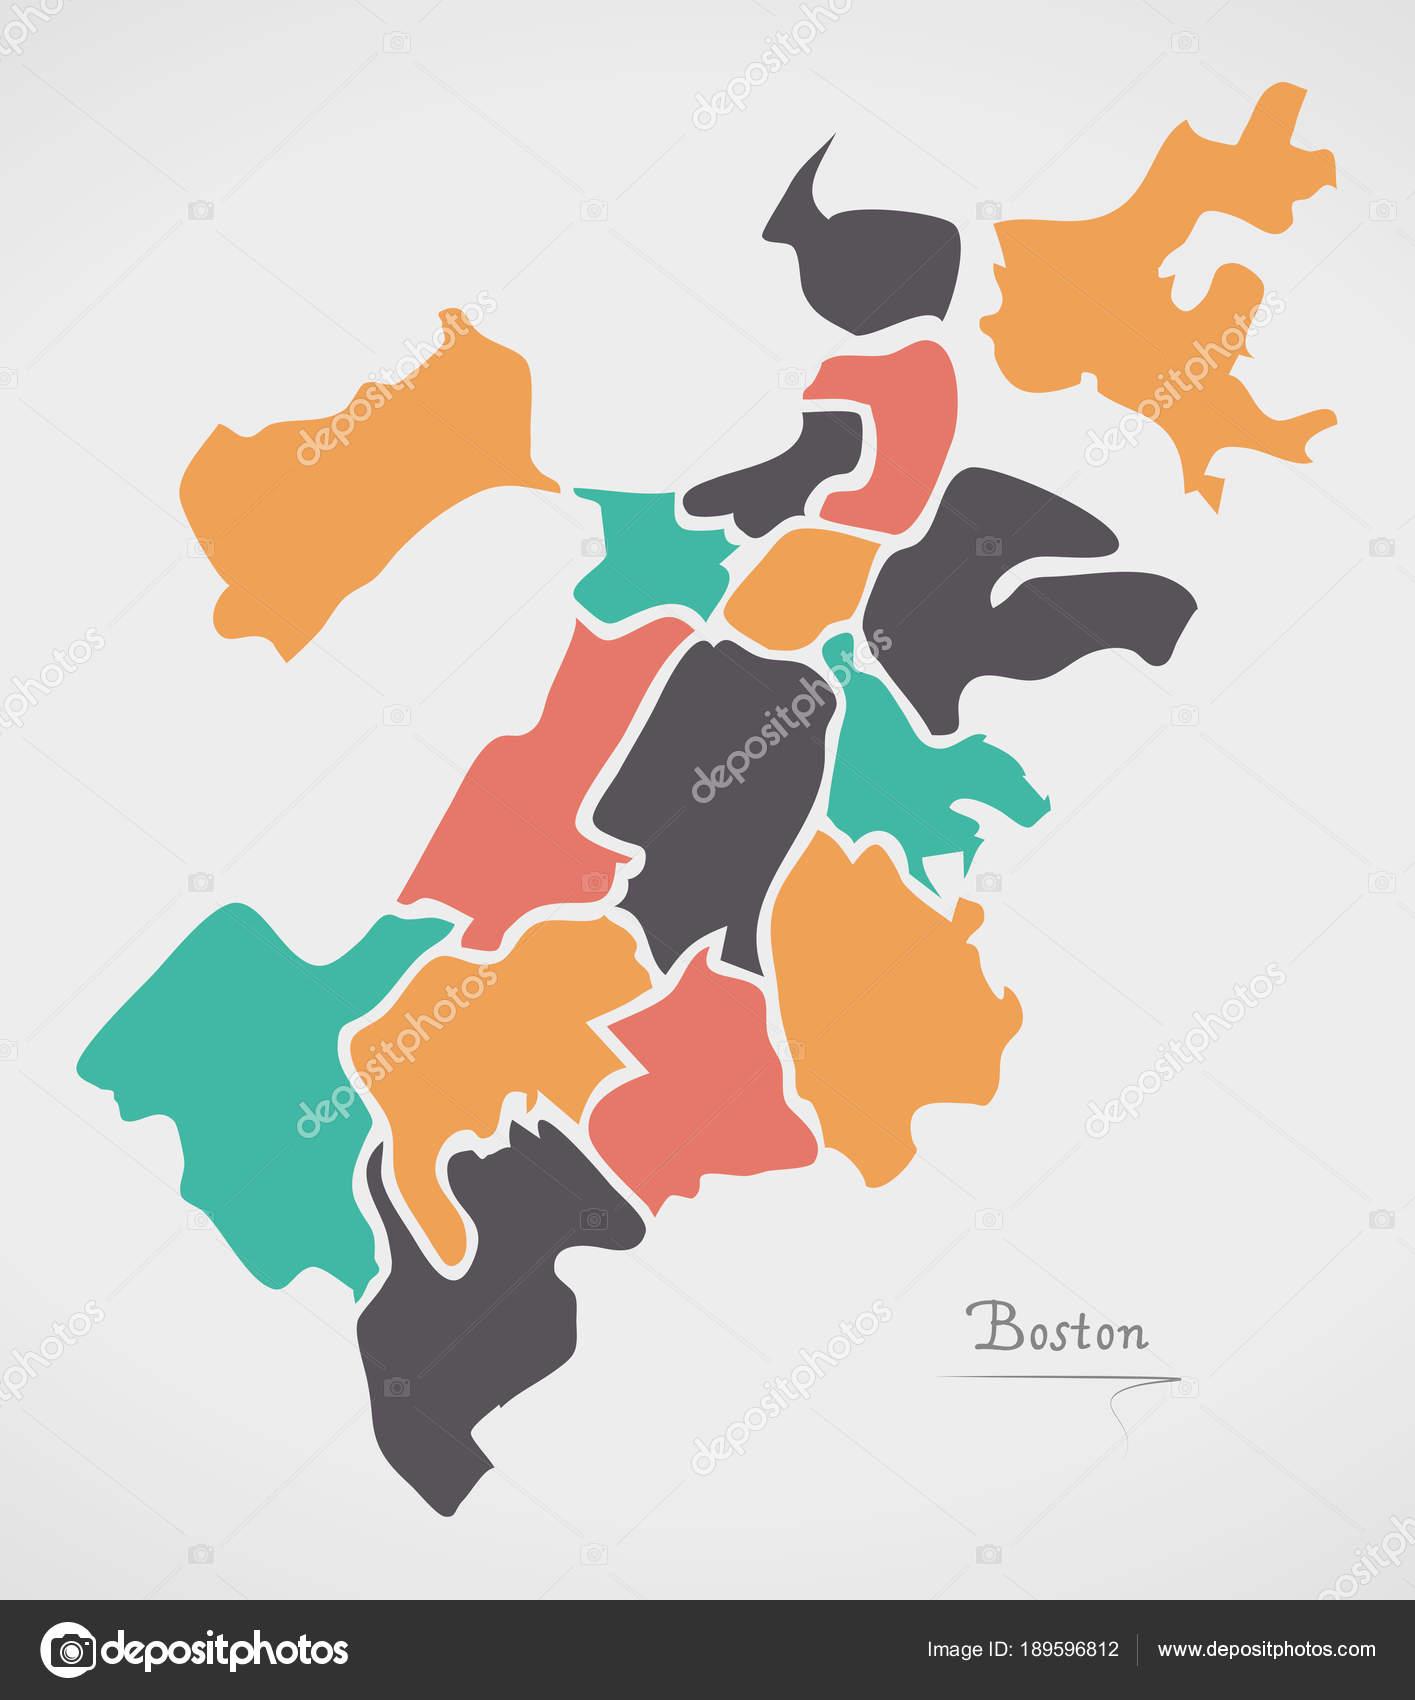 Boston massachusetts map with neighborhoods and modern round shapes boston massachusetts map with neighborhoods and modern round shapes stock vector gumiabroncs Choice Image